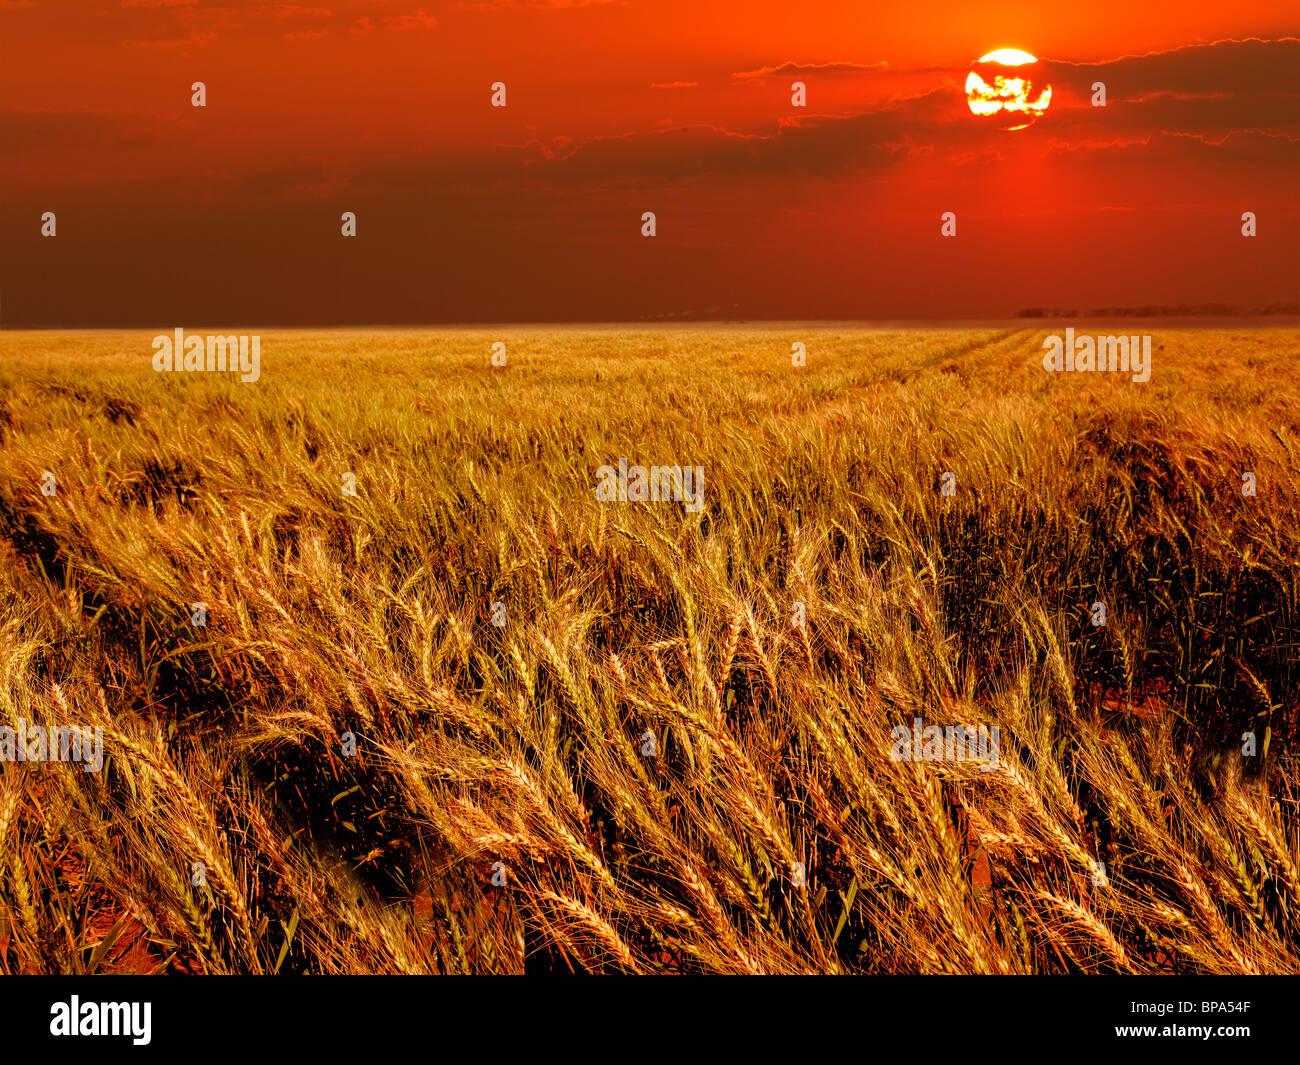 Campo de trigo en una luz cálida al atardecer Imagen De Stock